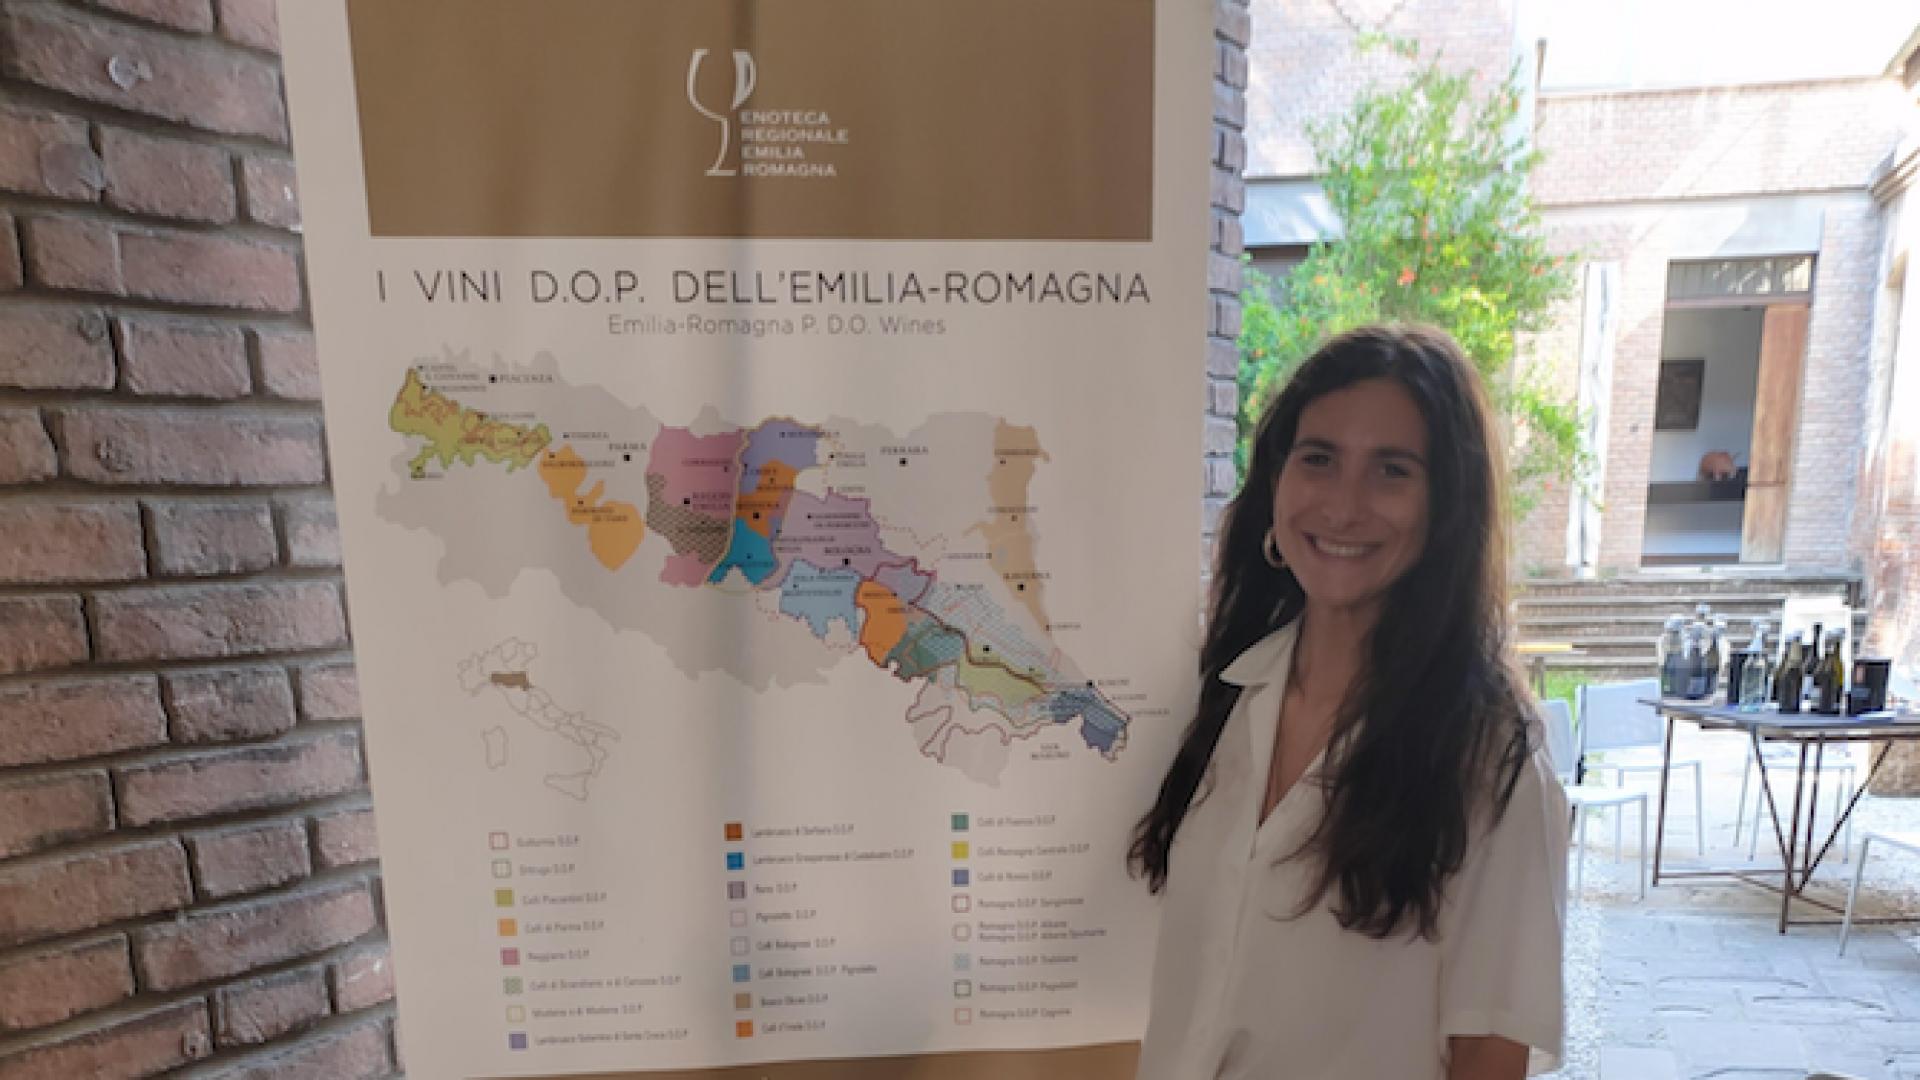 Die Weine der Emilia-Romagna erzählen ihre Geschichte durch eine Schulungs- und Verkostungsinitiative, die sich an die Gastwirte der Region richtet.